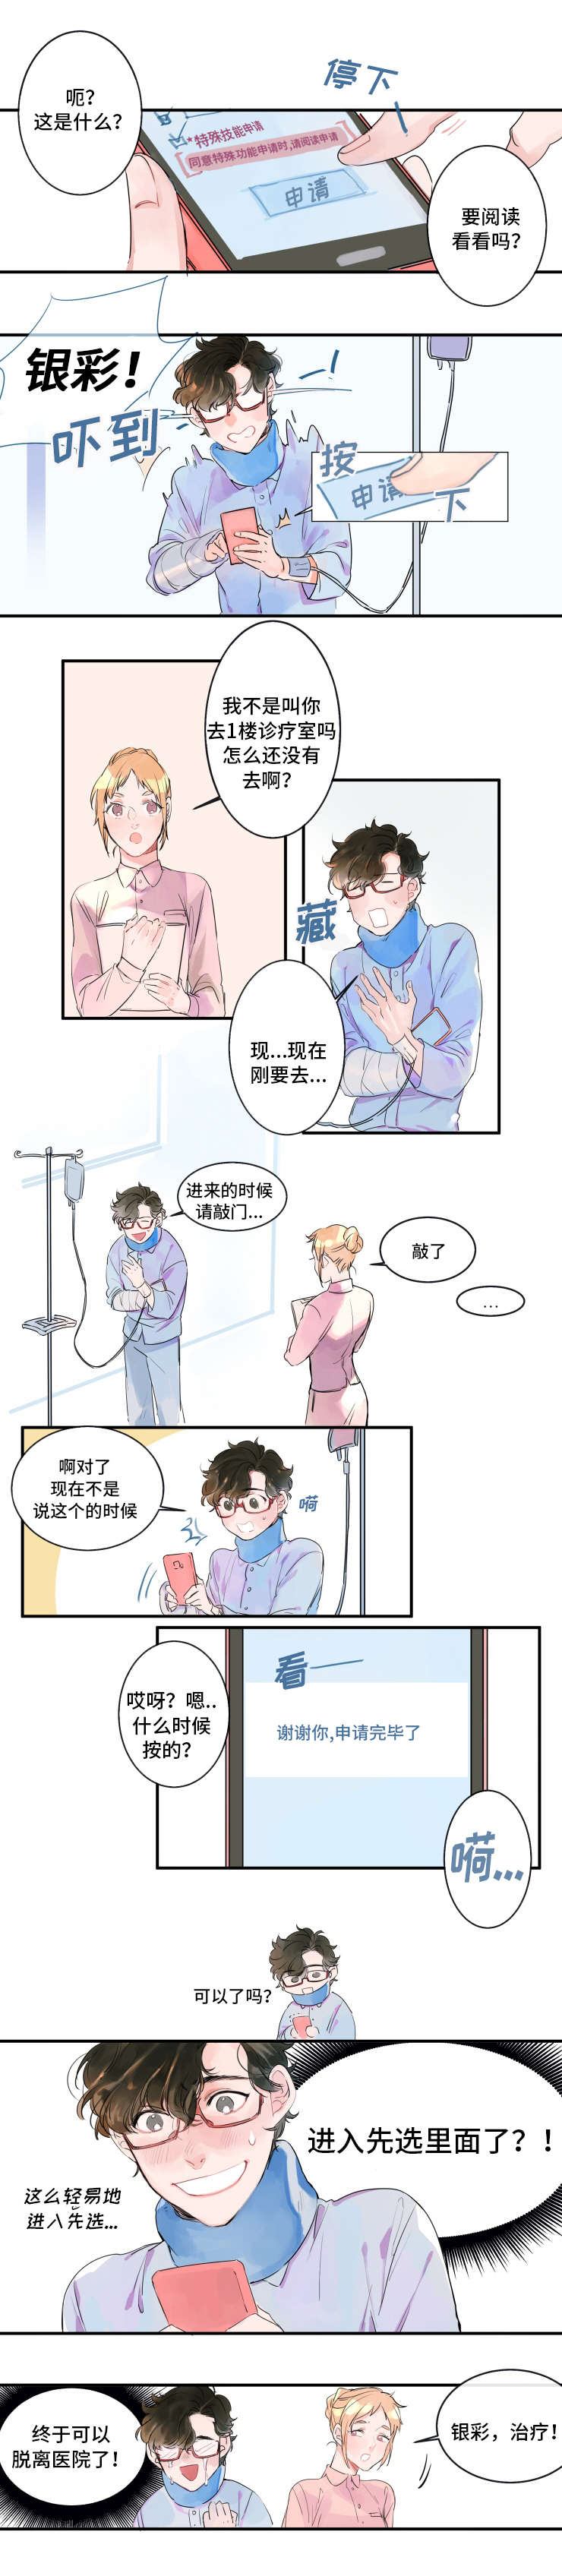 超智能AI男友-漫画完整版汉化_全集在线阅读已完结-啵乐漫画